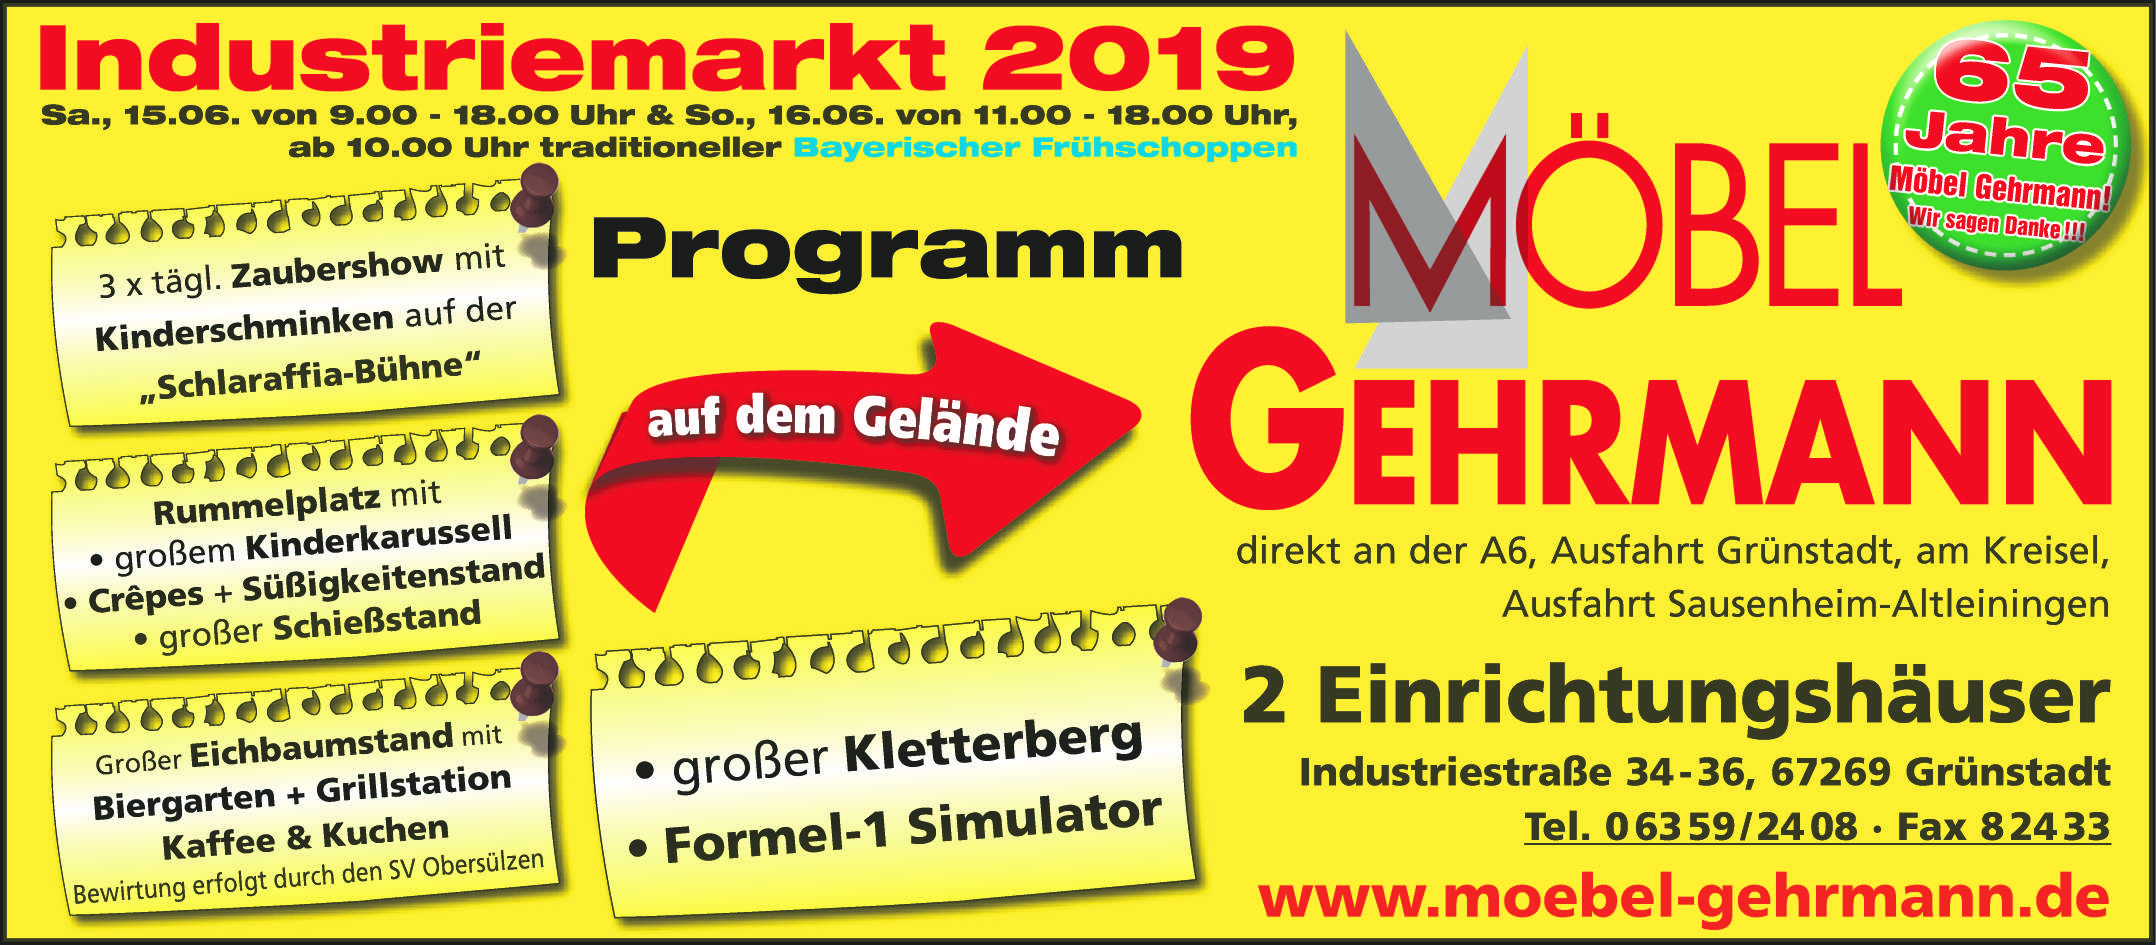 Möbel Gehrmann Programm